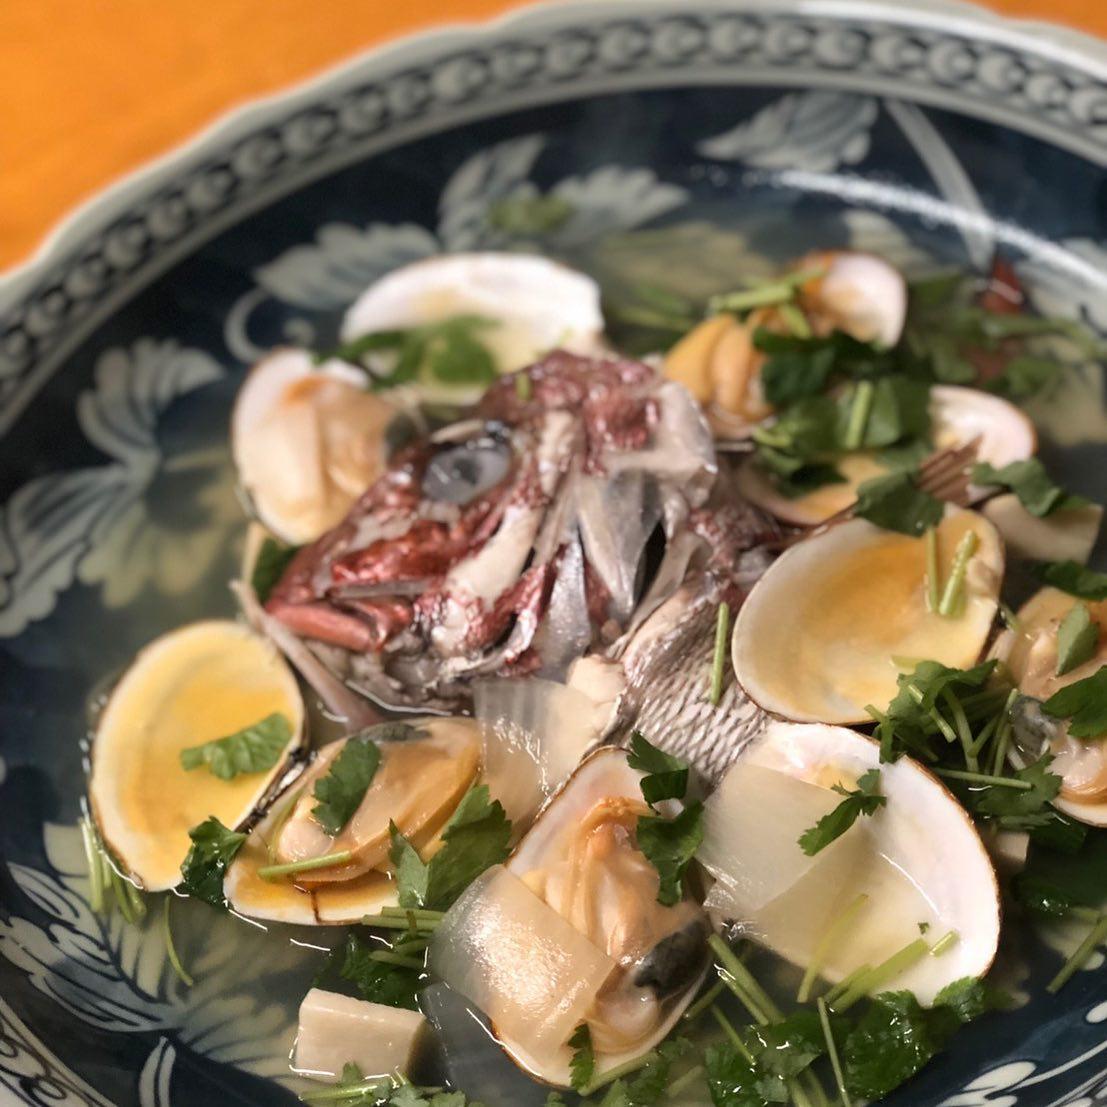 [おはしどころ菜でしこ]  天然鯛かぶとと皿貝の酒蒸しです️ (990円)  写真では解りづらいのですが、 特大の大皿料理です  鯛の旨味と貝の旨味が重なって スープがめちゃ旨でした ご予約を頂ければ、 ご用意することも出来ます♂️